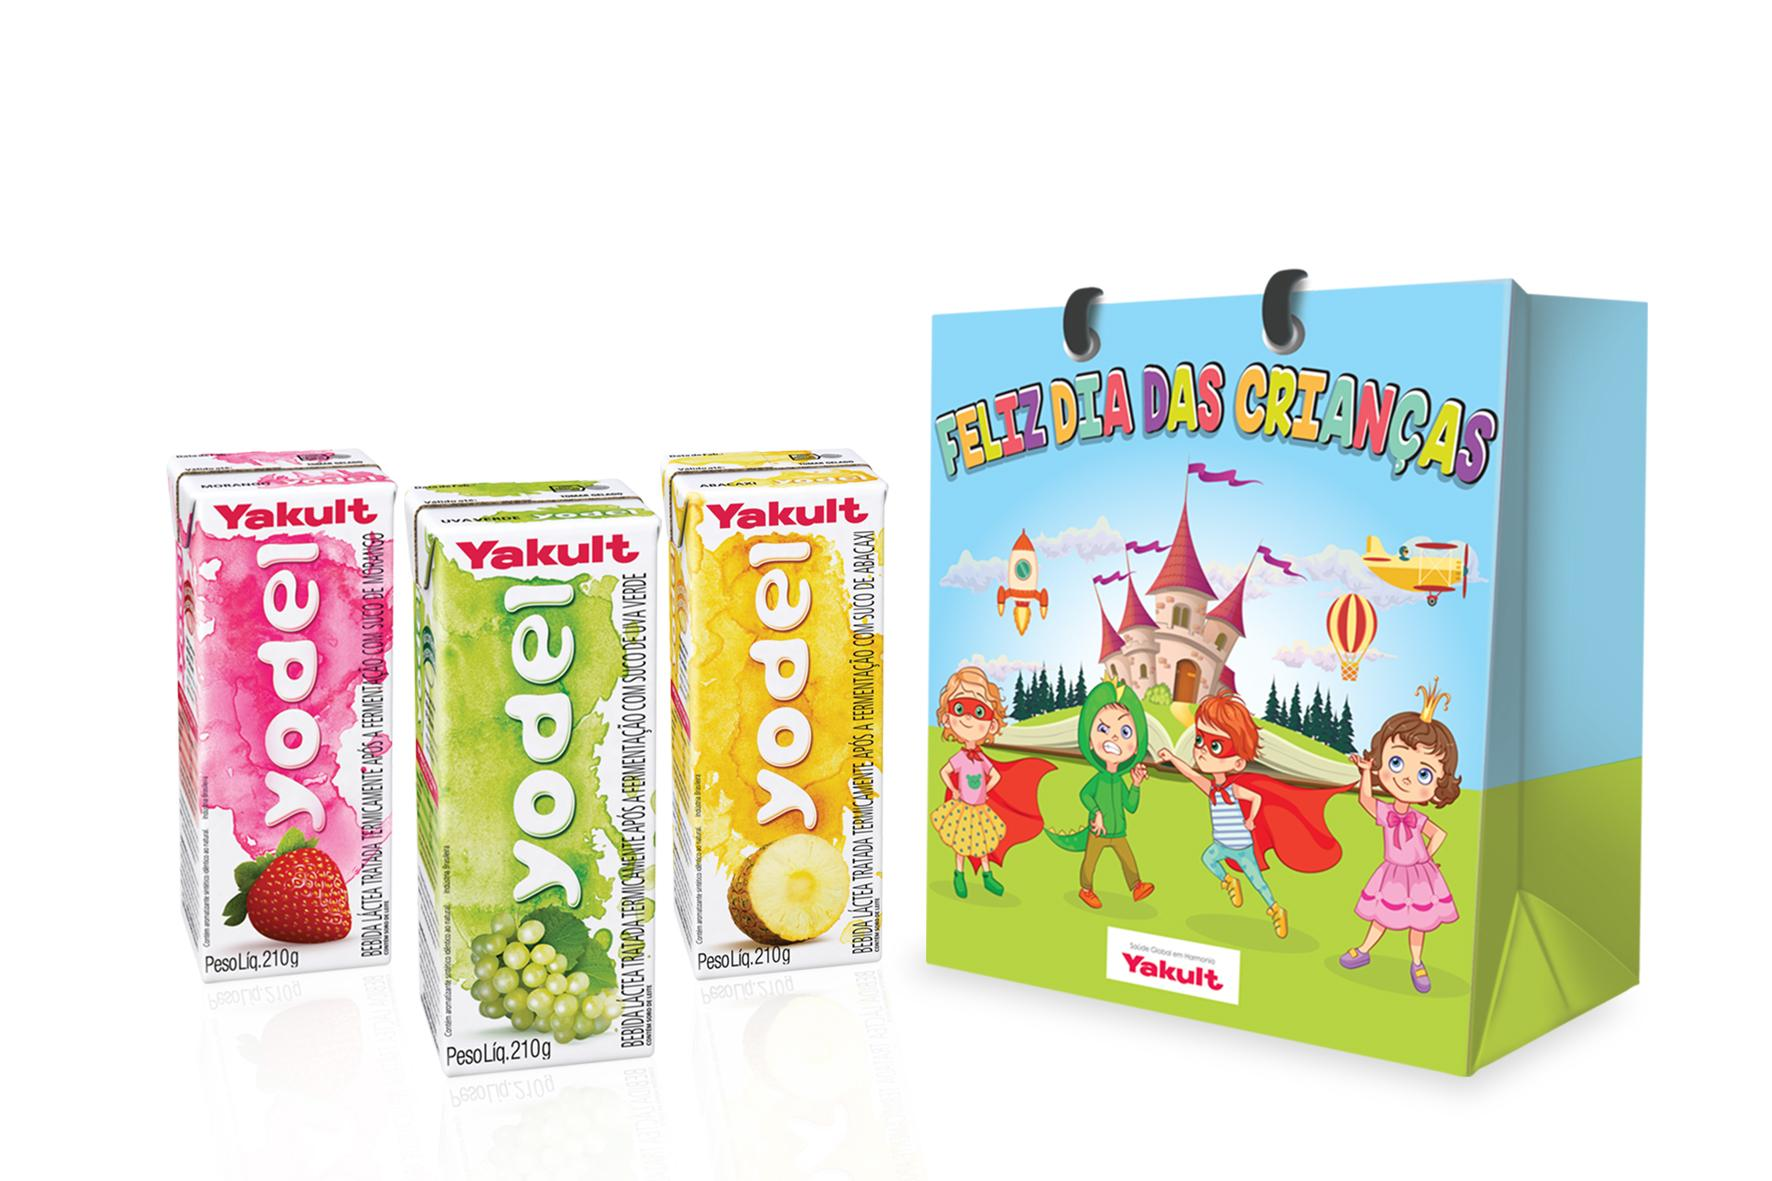 Kit Yodel é destaque da campanha de vendas da Yakult para o dia das crianças